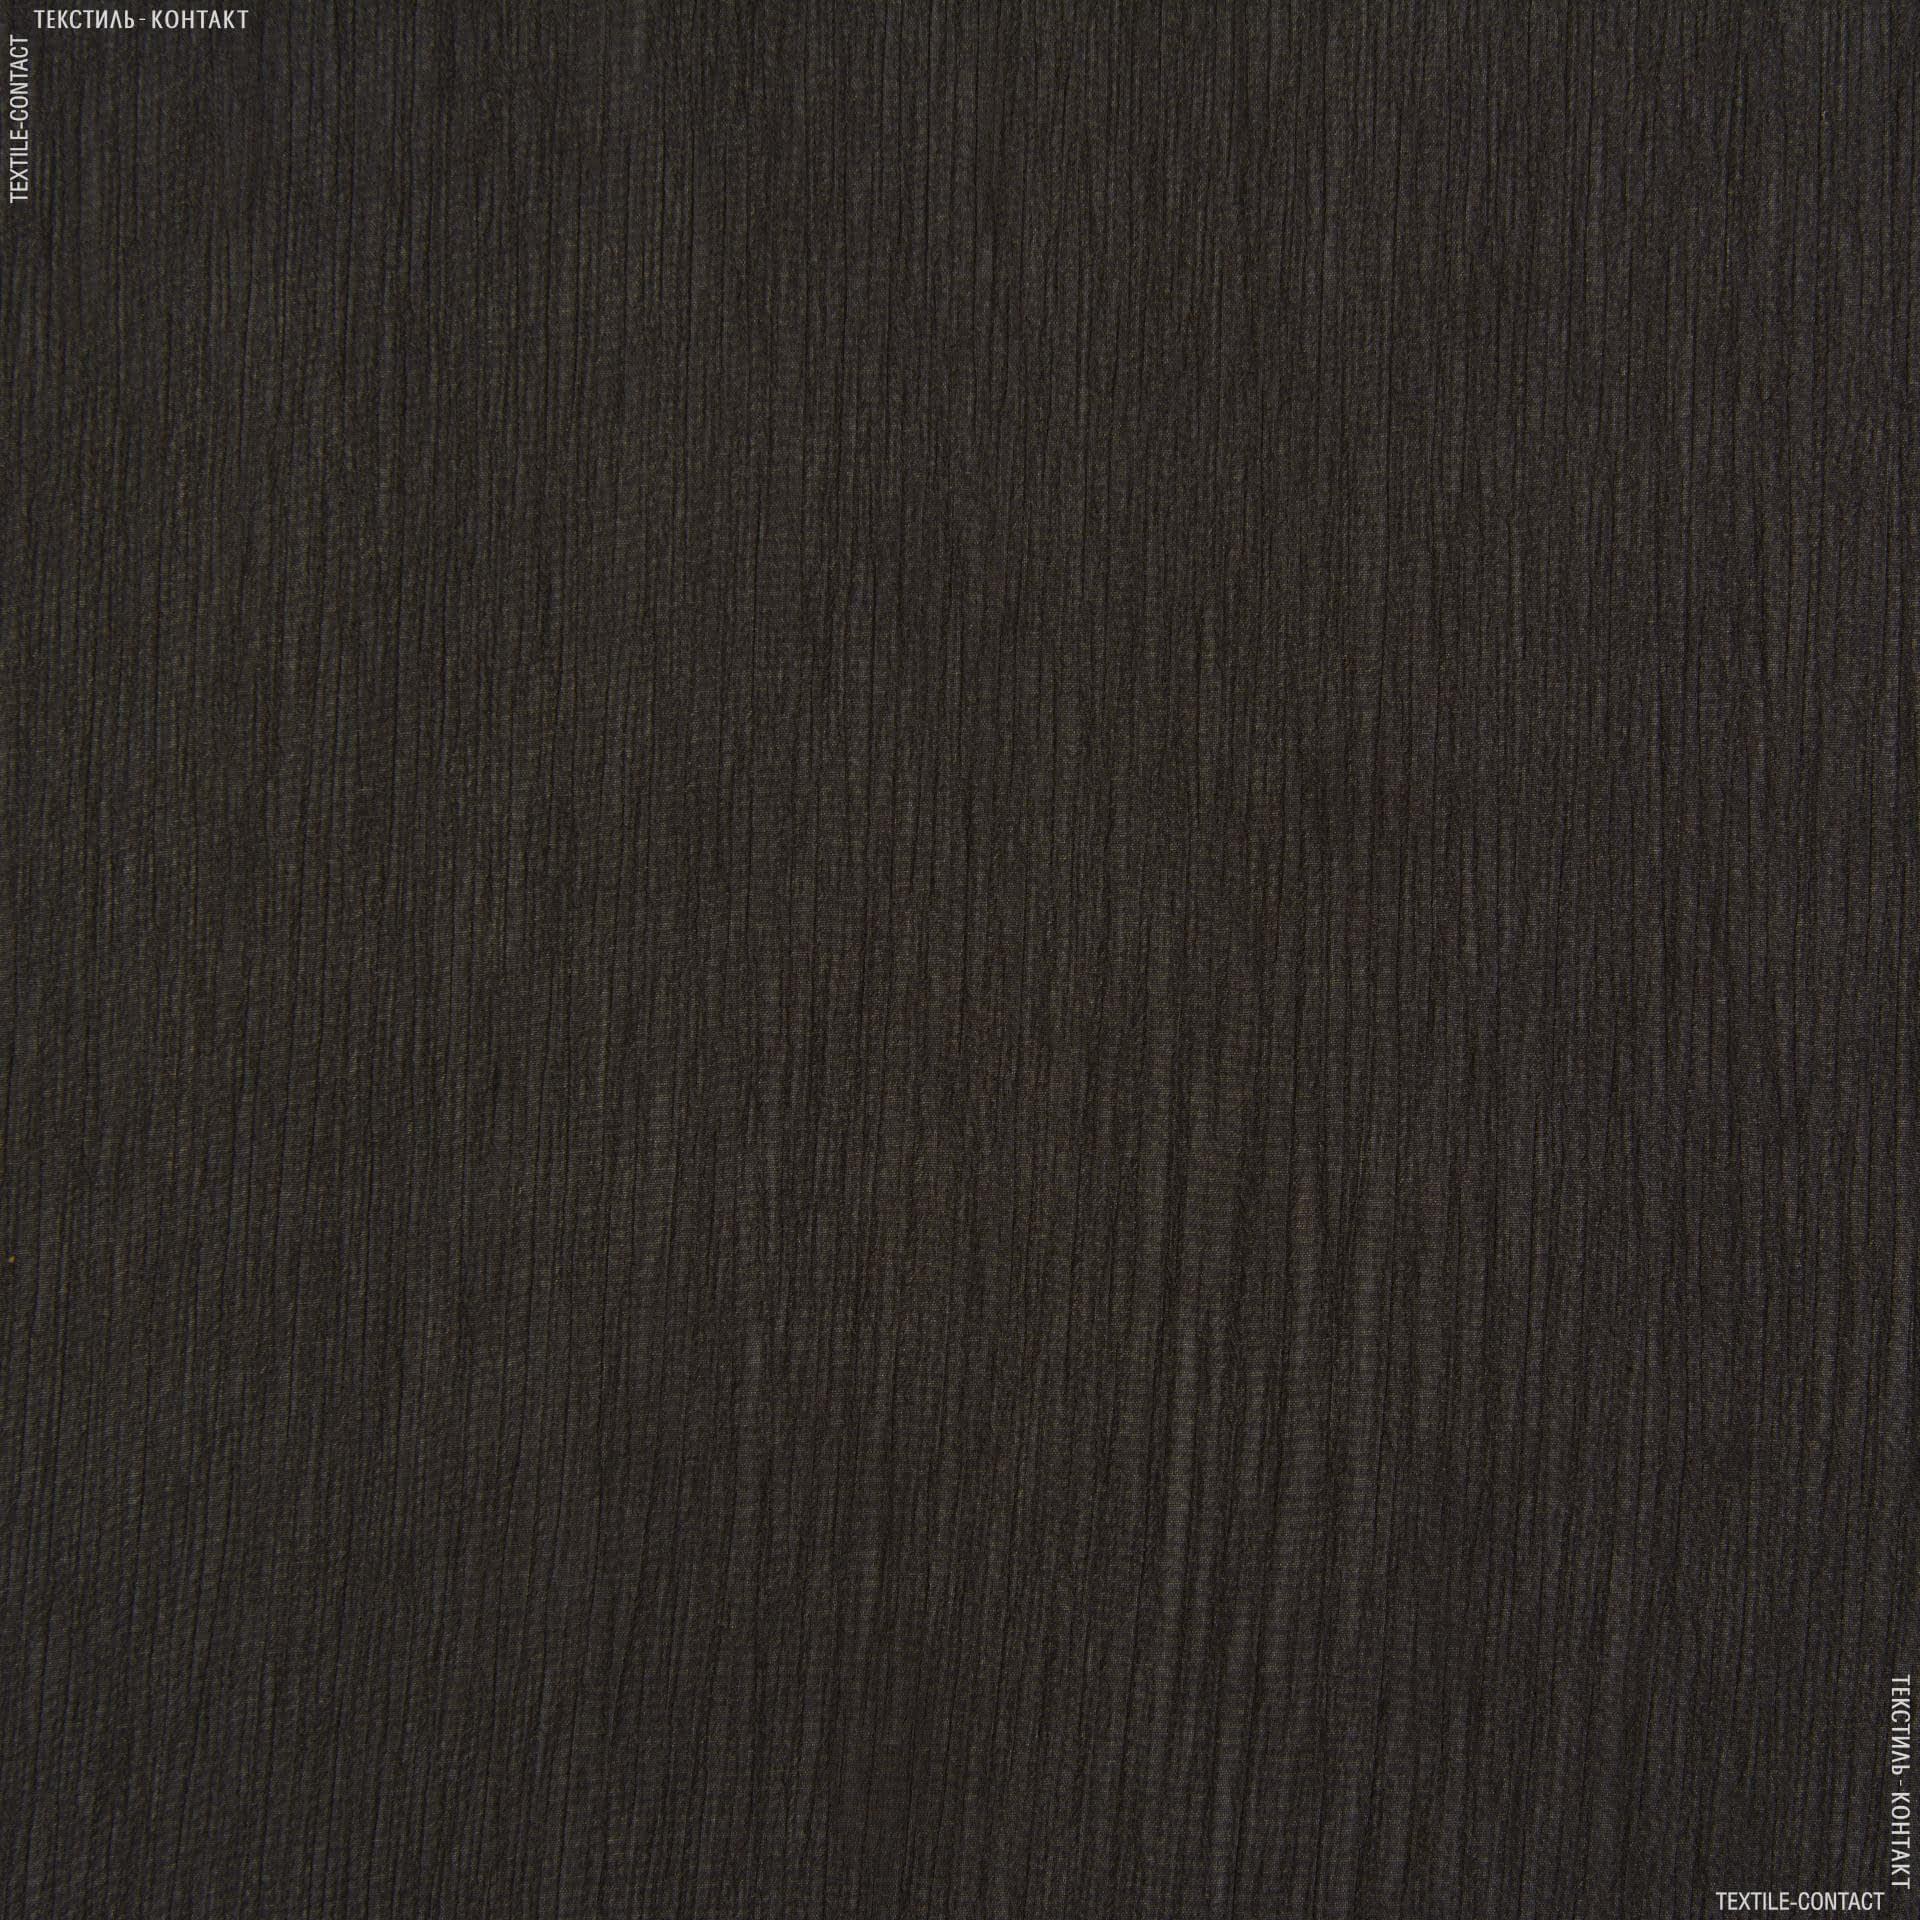 Ткани для платков и бандан - Шифон евро черно-коричневый